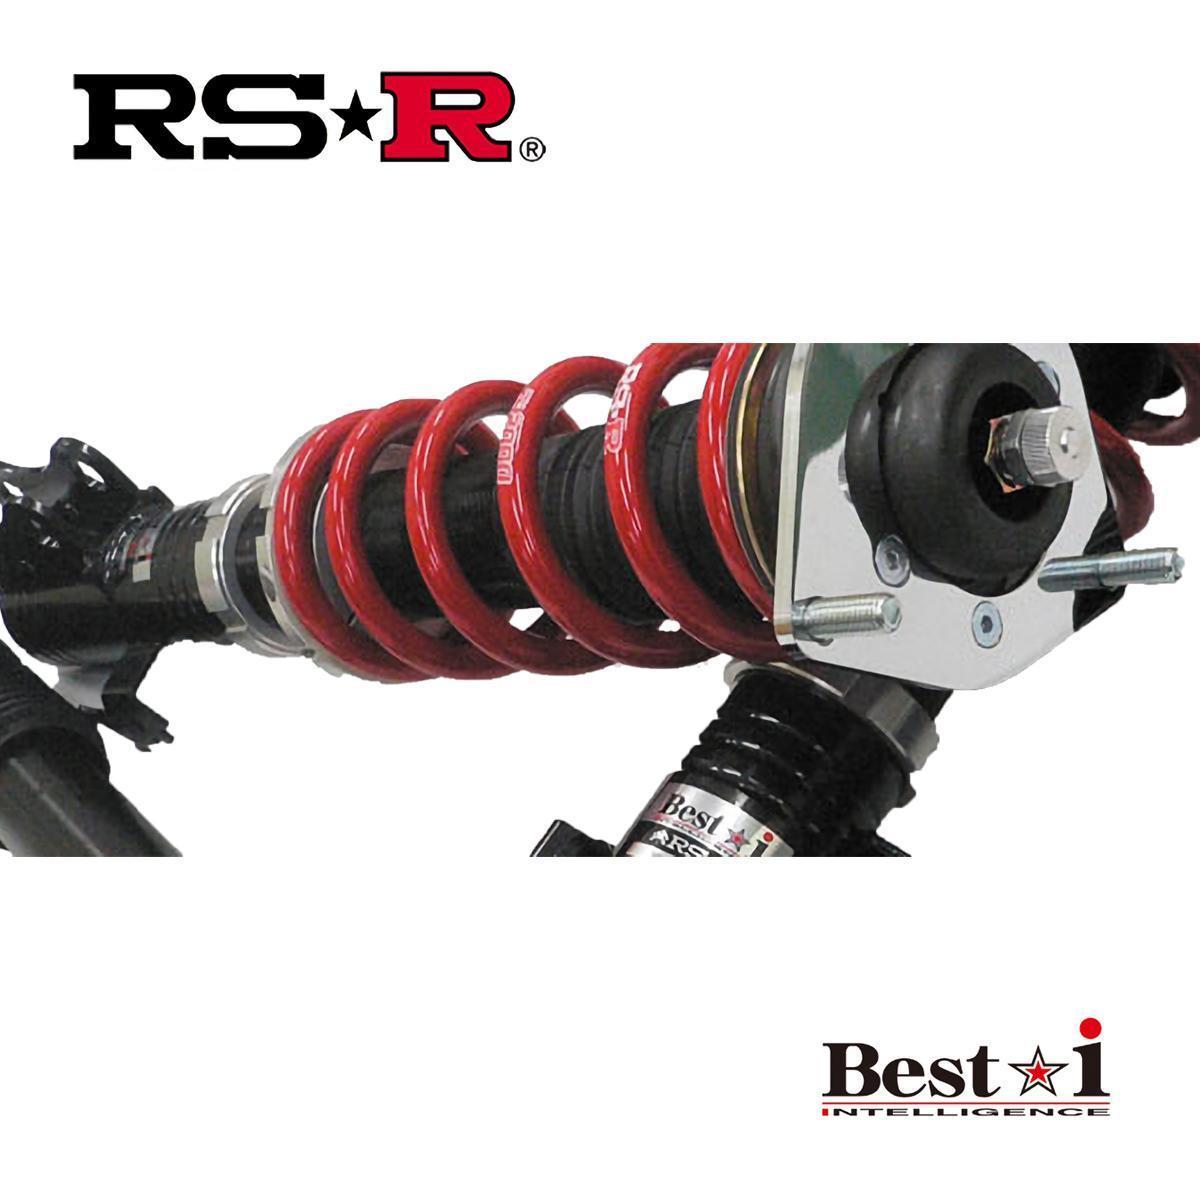 RS-R ルーミー カスタムGS M910A 車高調 リア車高調整:ネジ式 BICKT514M ベストi C&K RSR 個人宅発送追金有